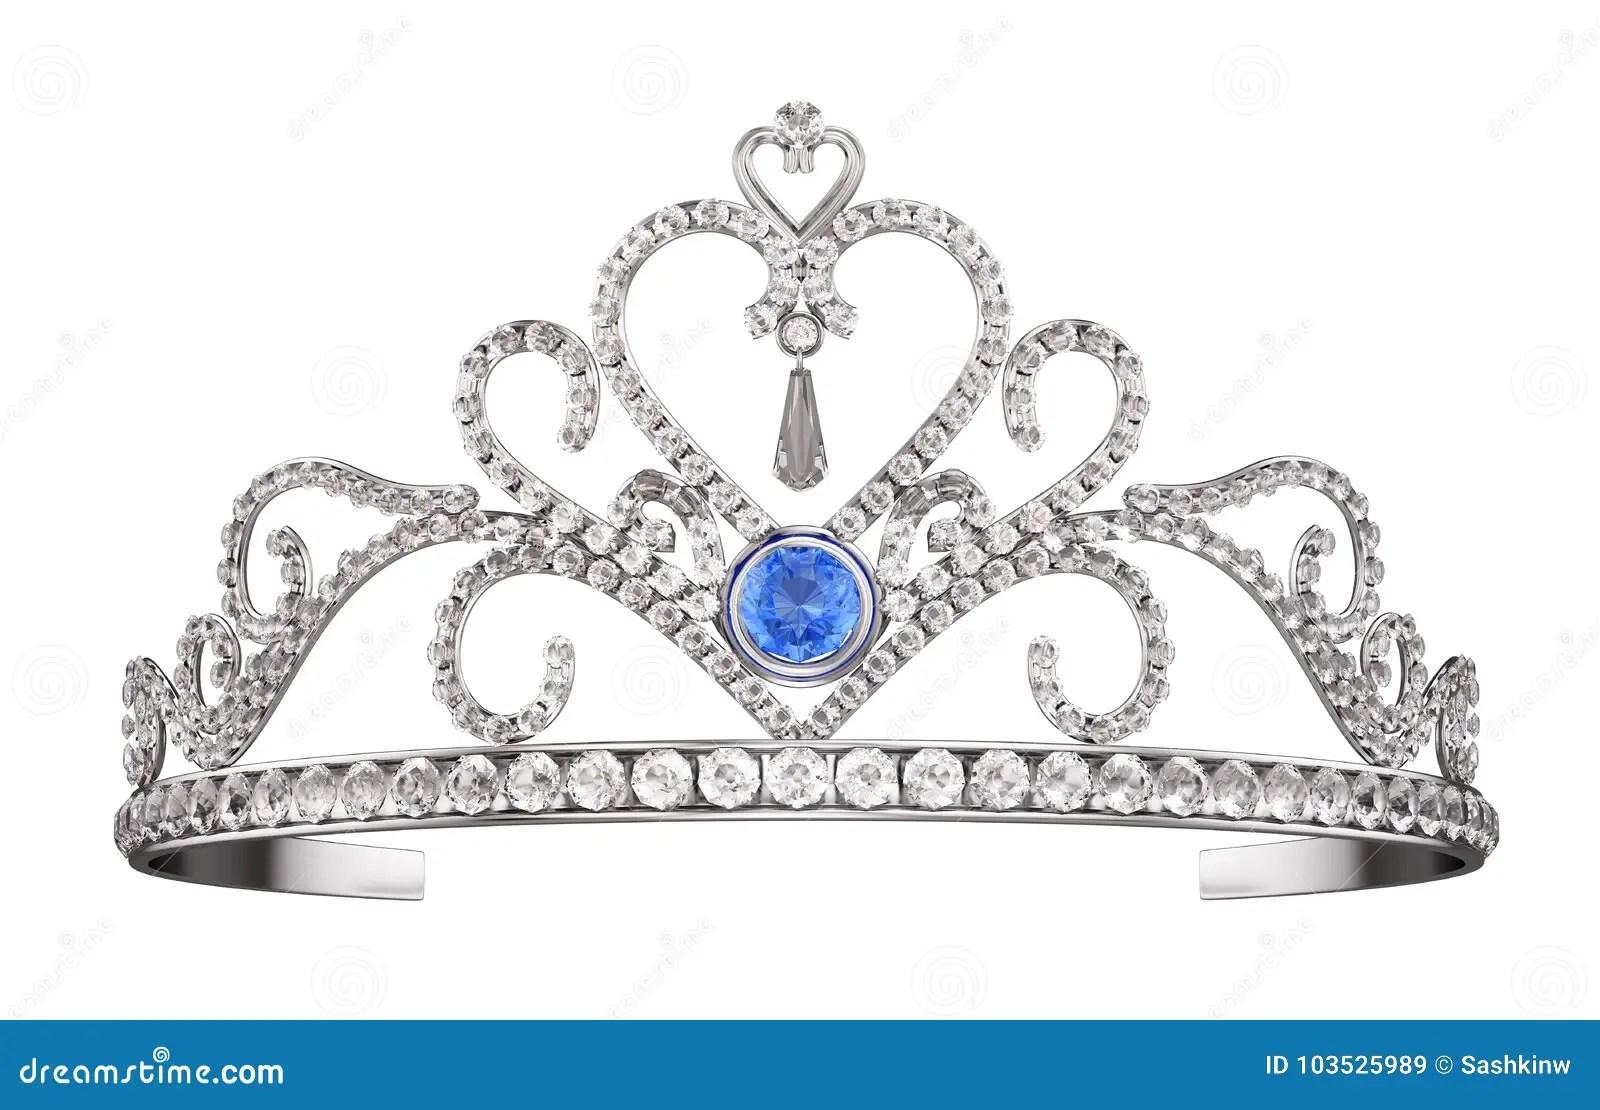 Princess Diadem Tiara Isolated On White Stock